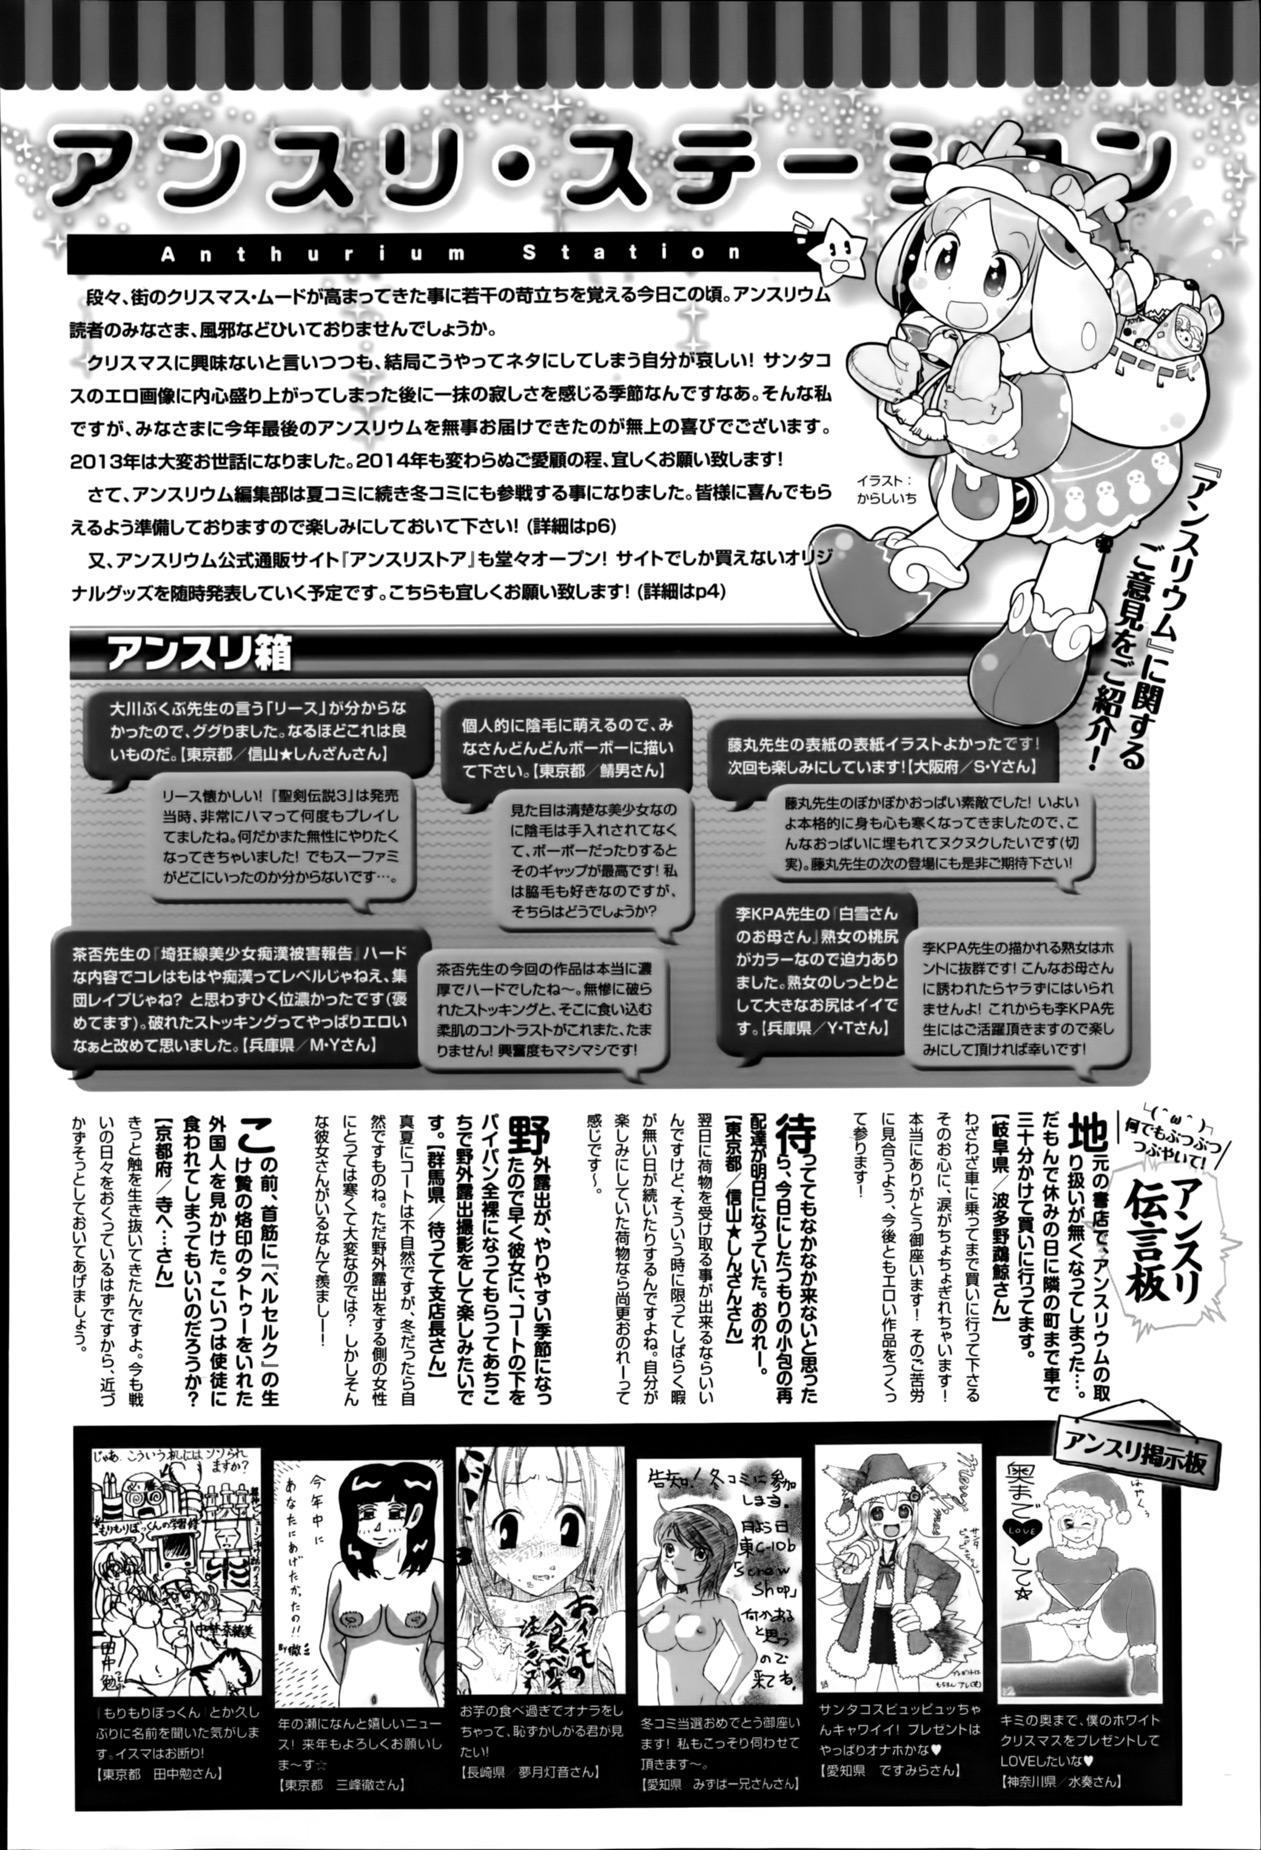 Comic Anthurium 009 2014-01 382